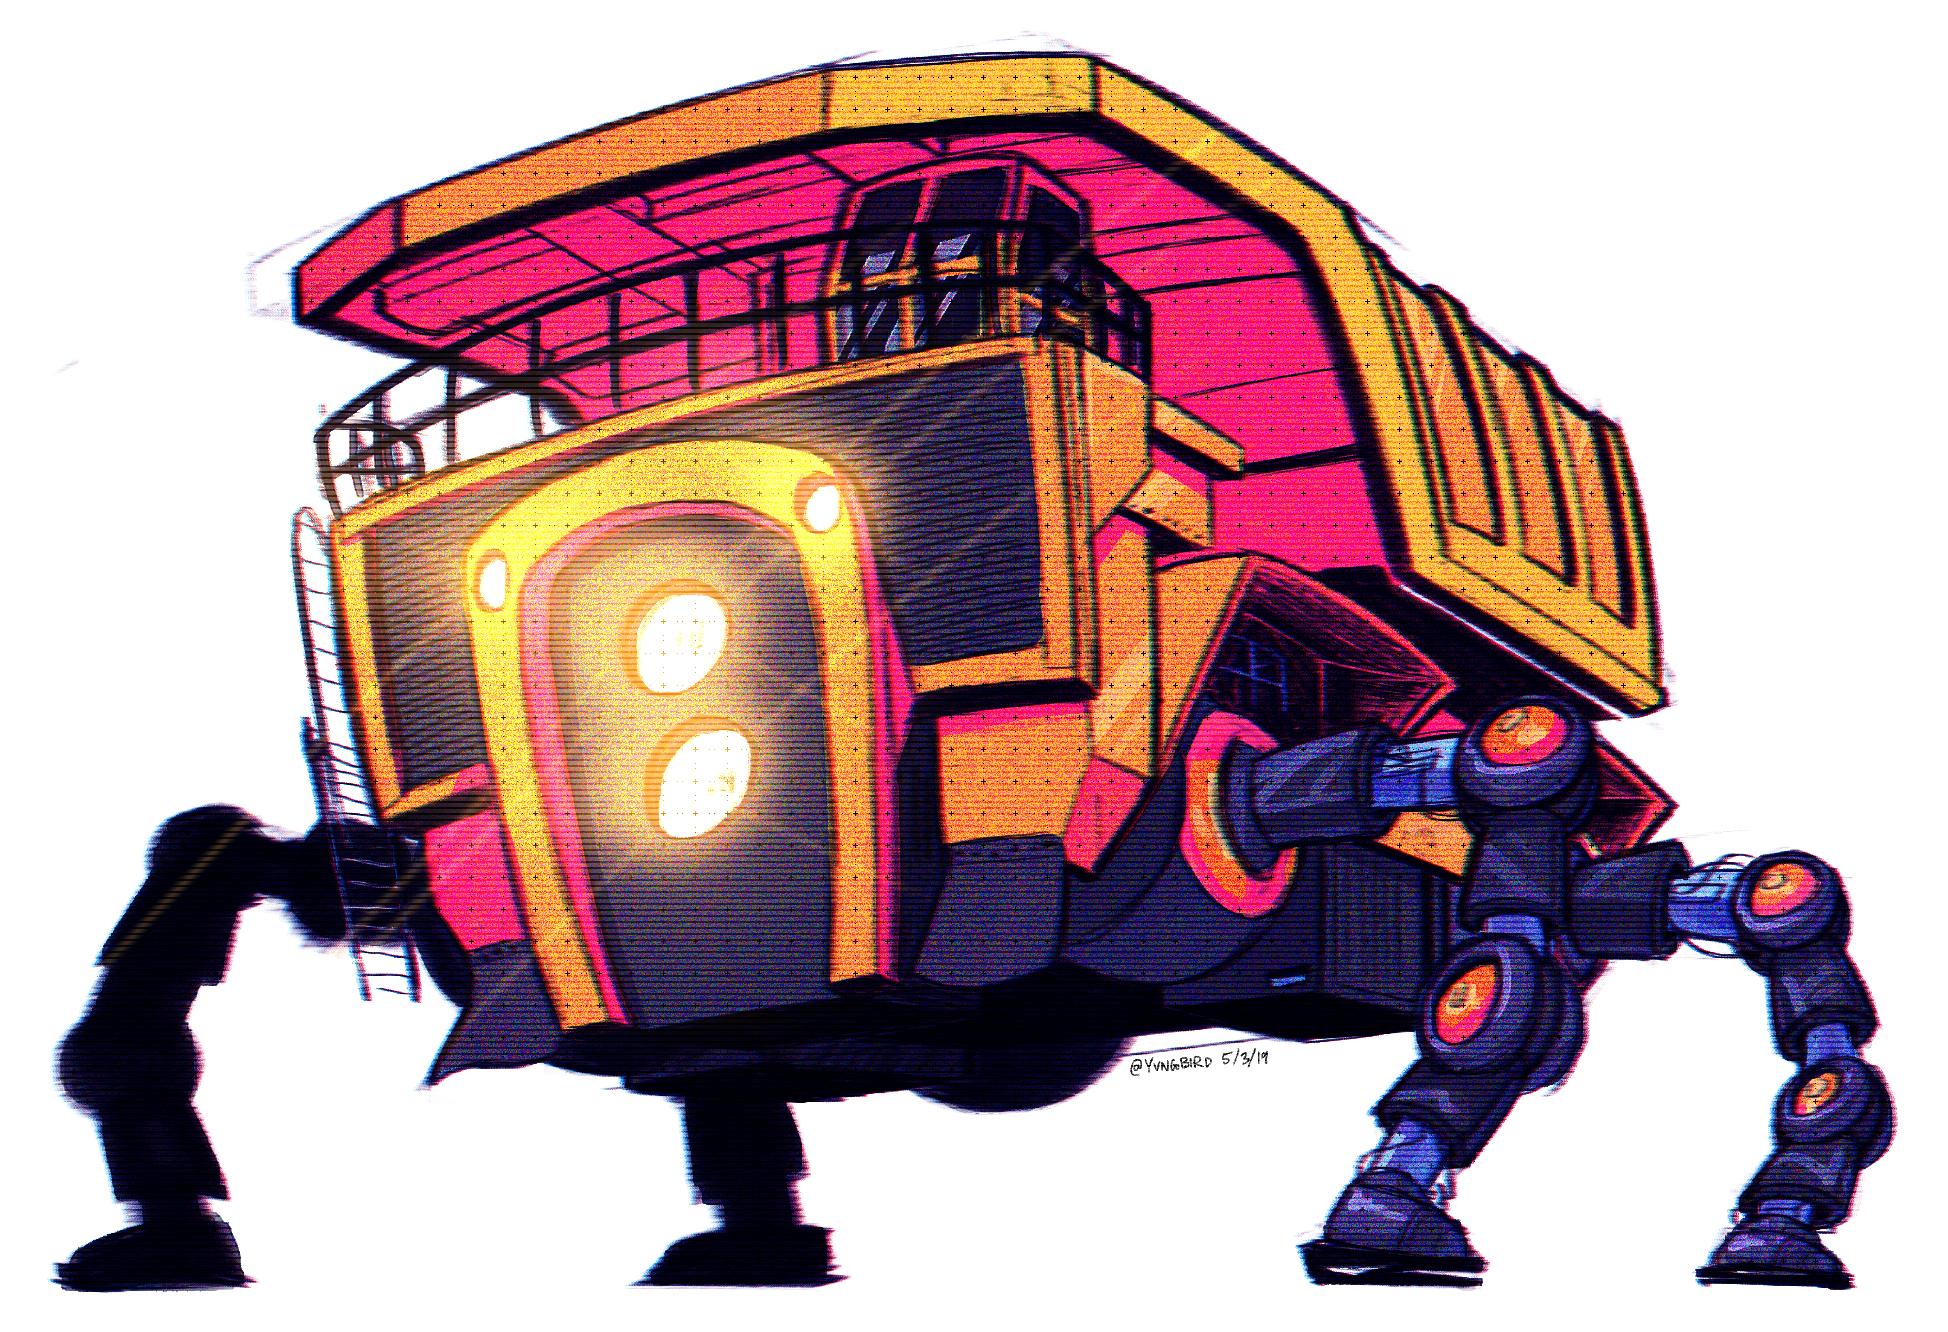 dump truck robot